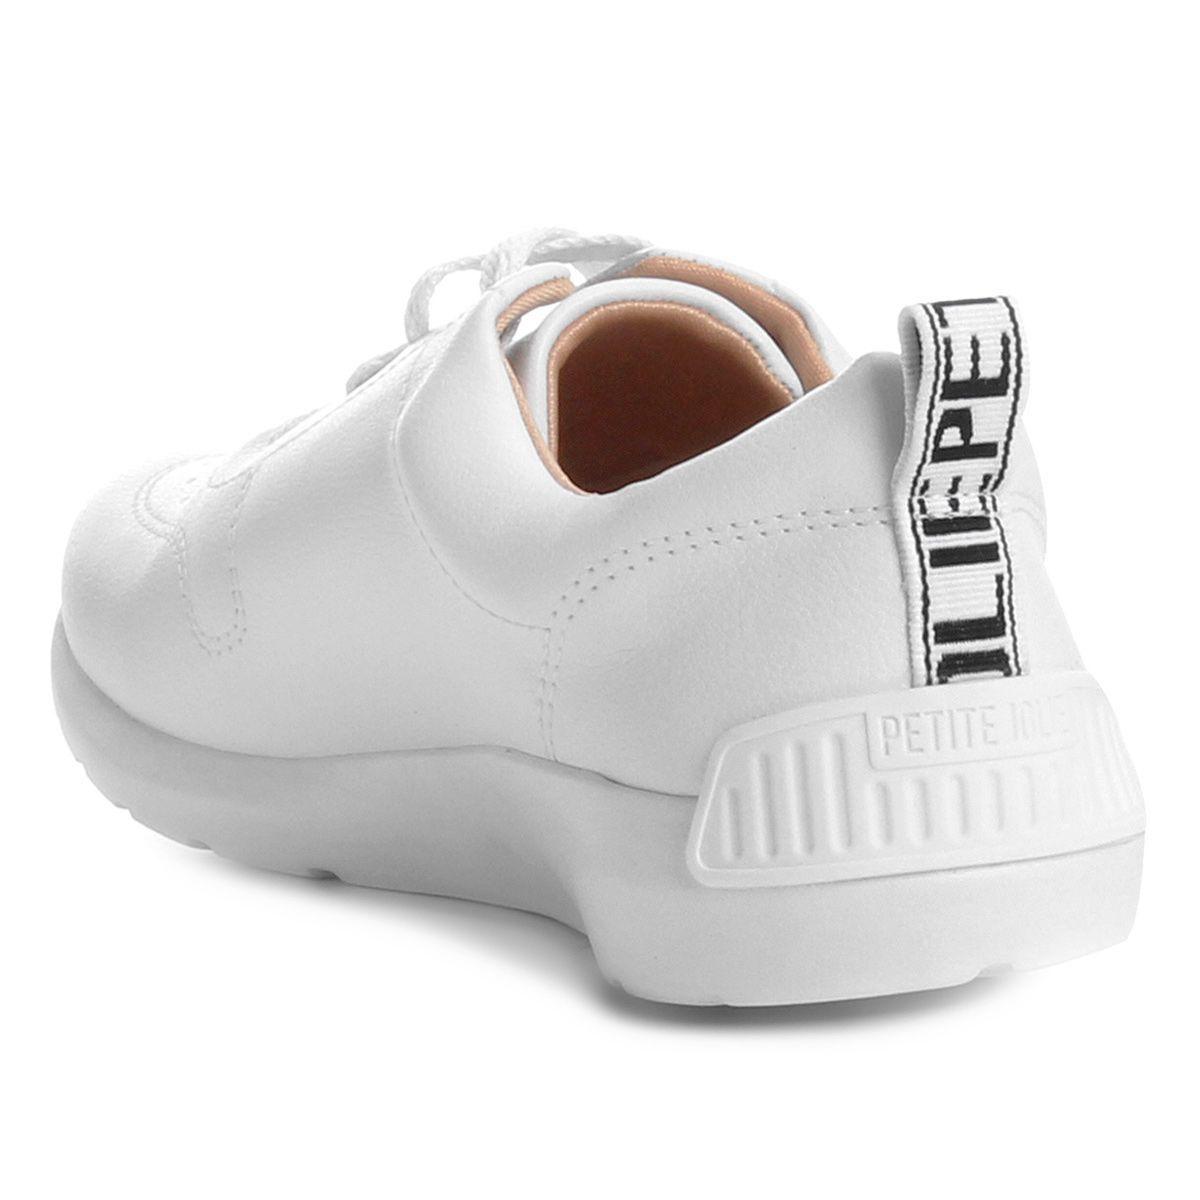 Tênis Petite Jolie Basic Branco Pj3001